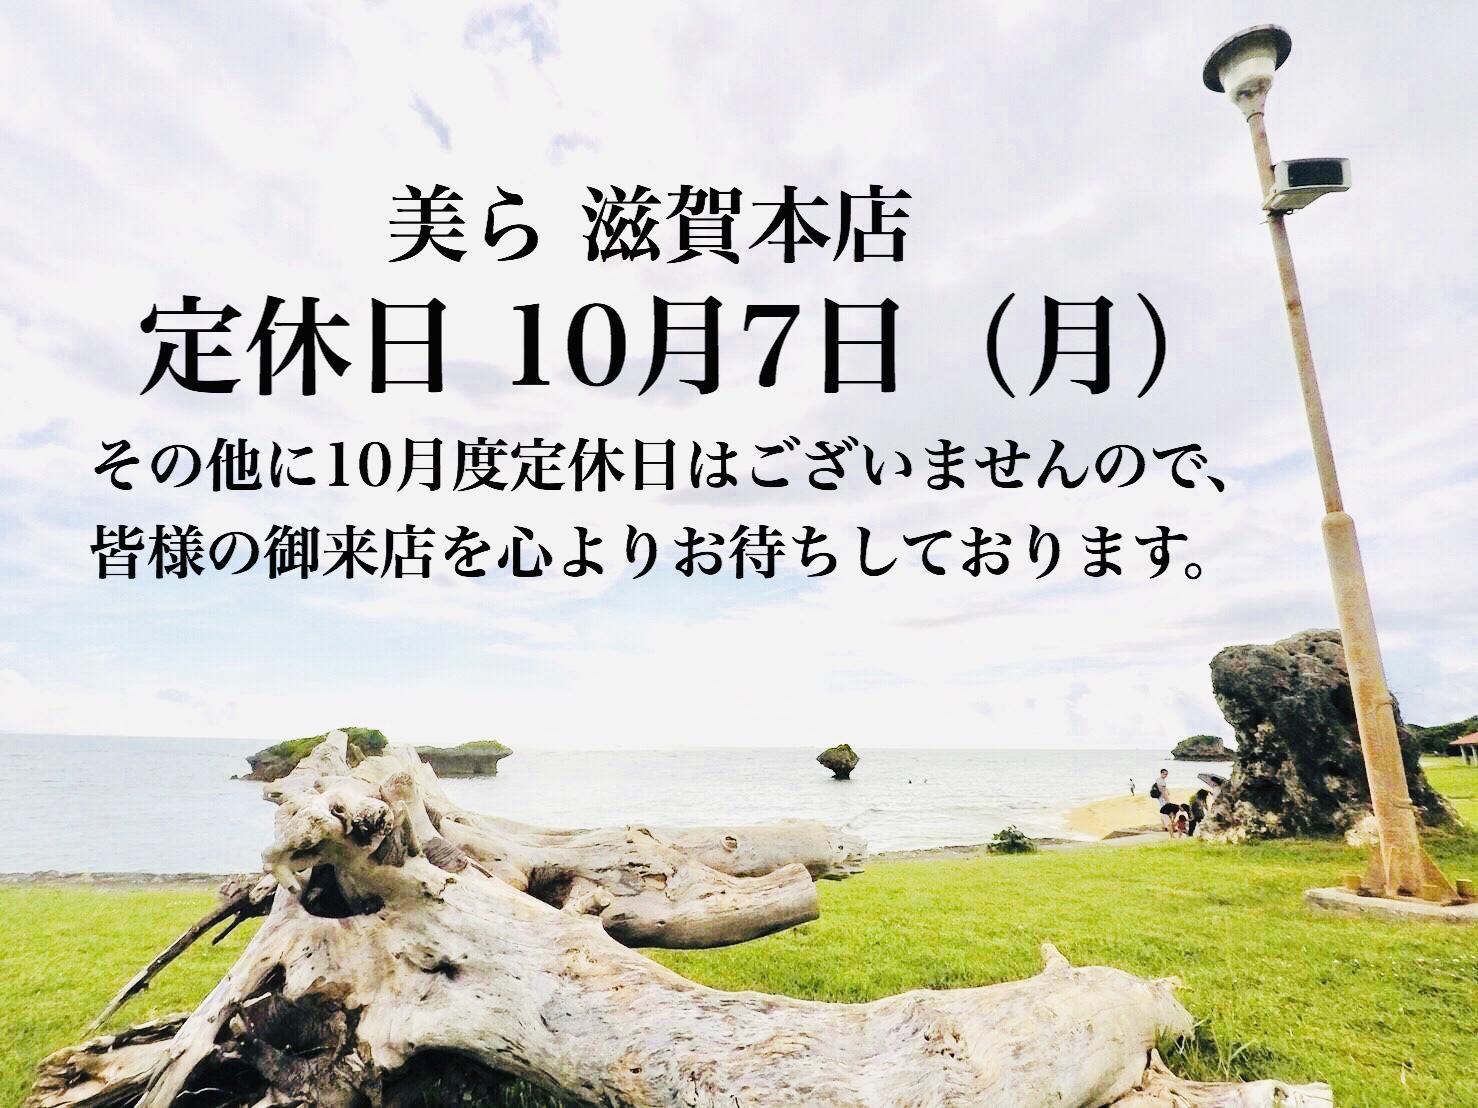 10月定休日のお知らせ  定休日 10月7日(月)